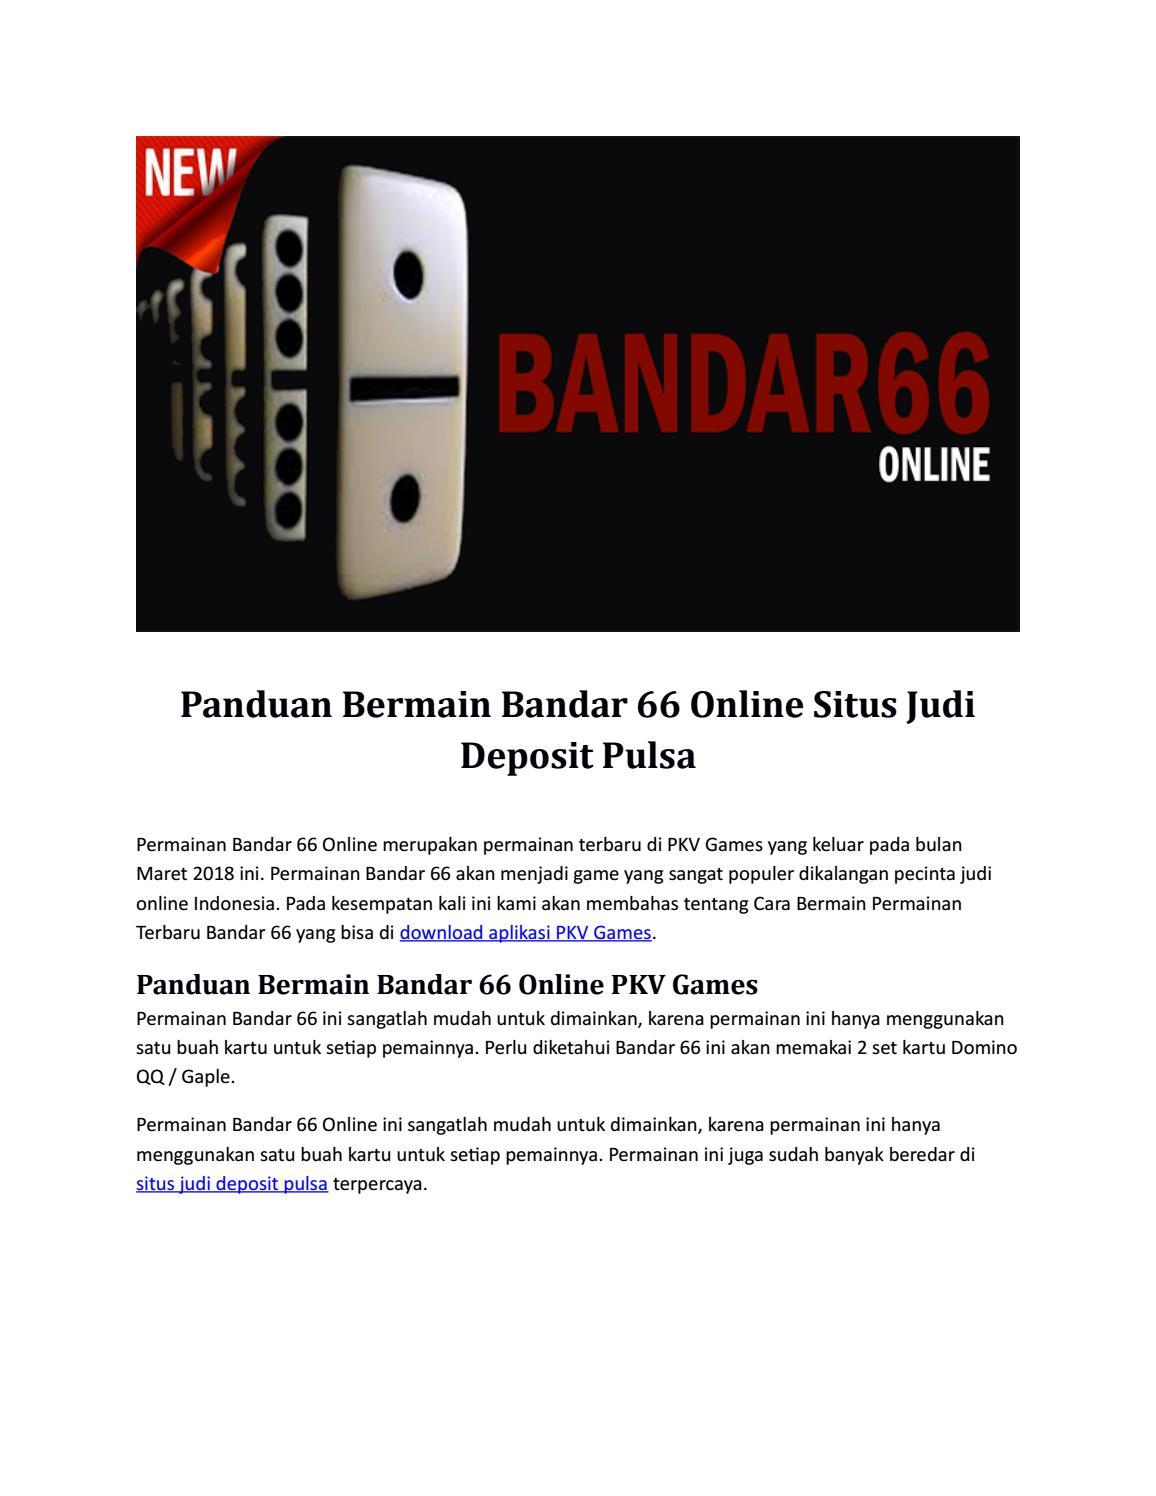 Panduan Bermain Bandar 66 Online Situs Judi Deposit Pulsa By Deana Lucy Issuu